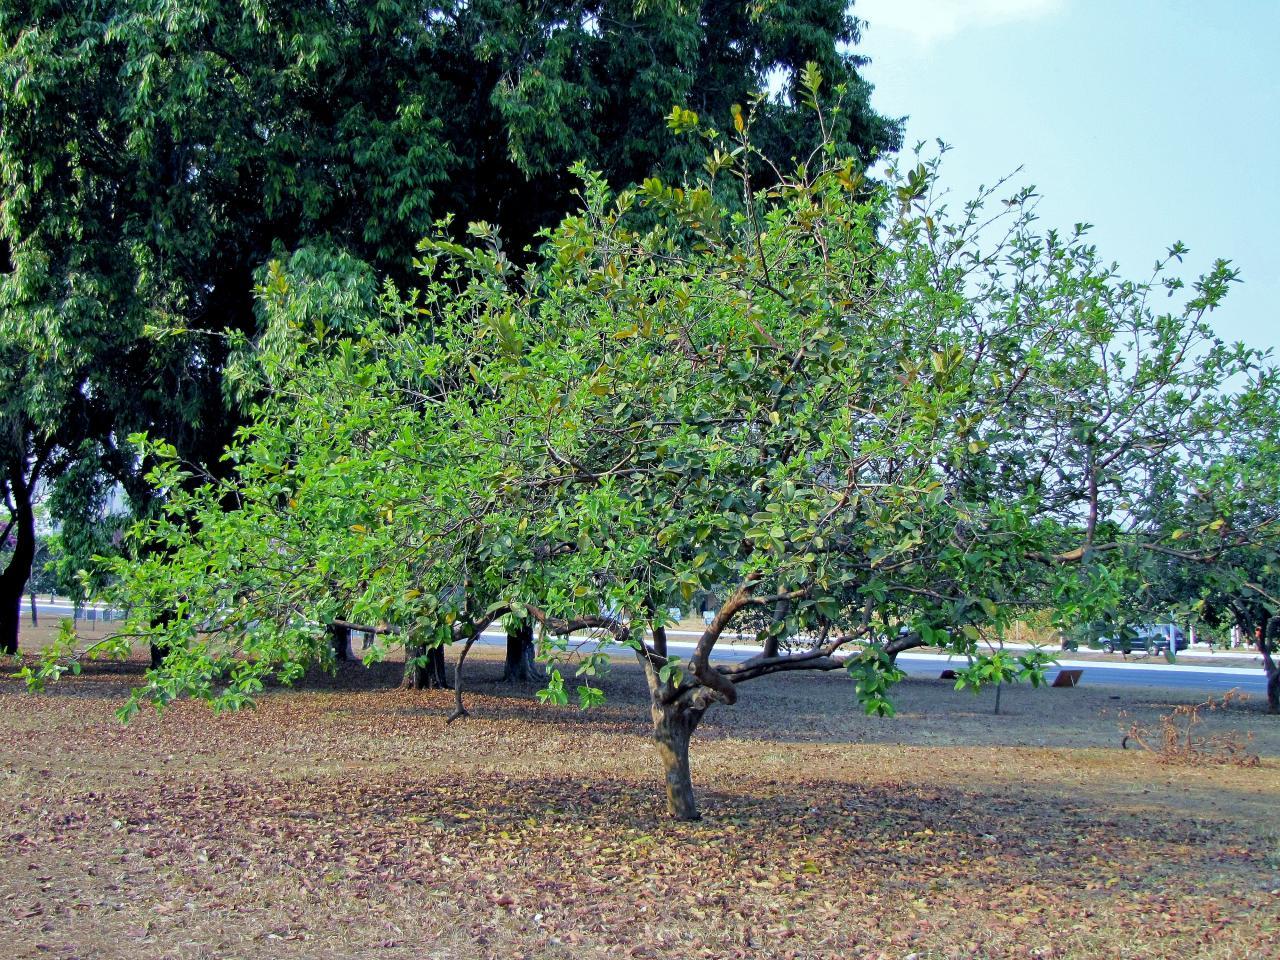 Vista del árbol de guayaba